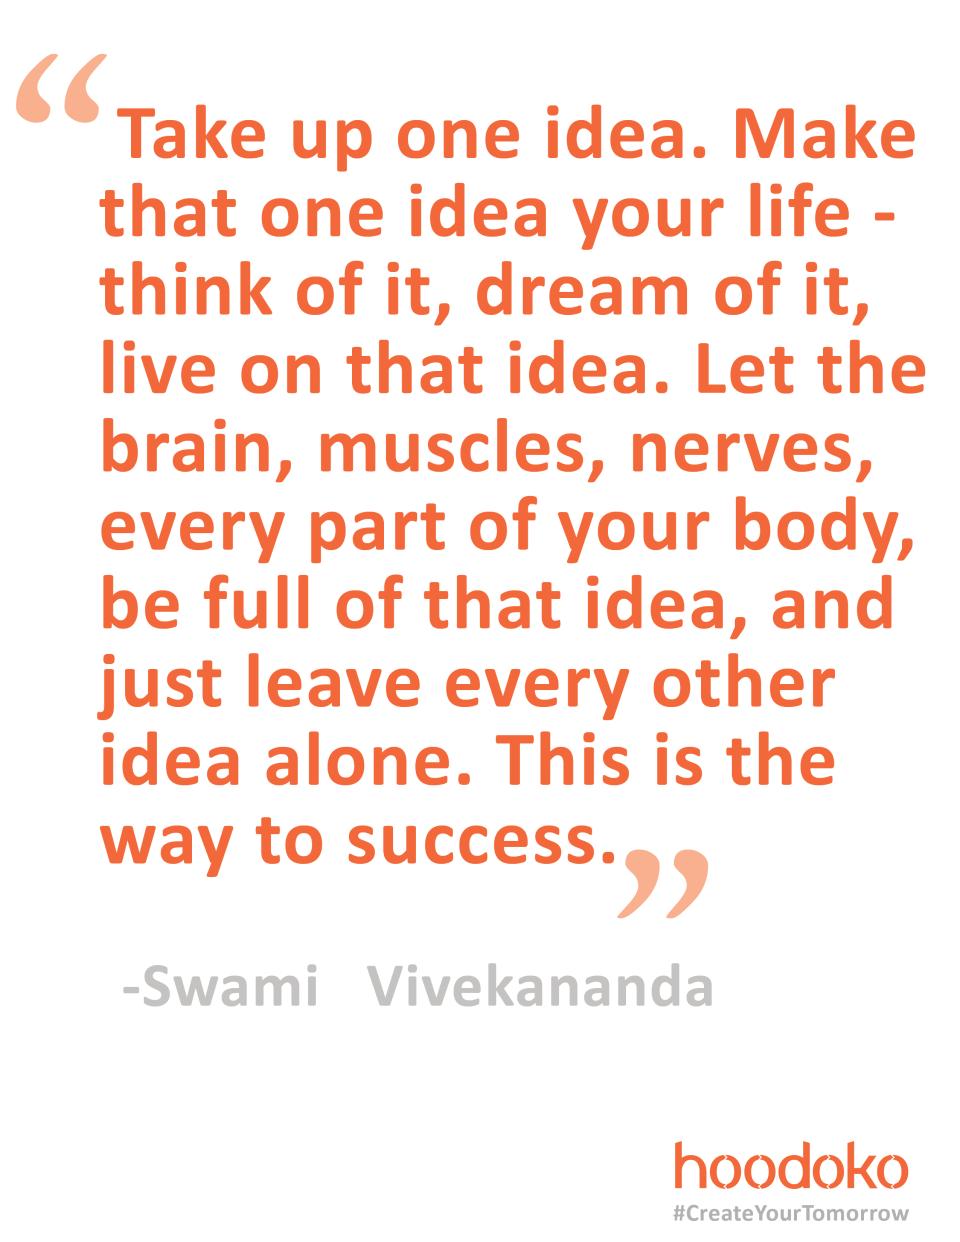 Inspiration for Entrepreneurs